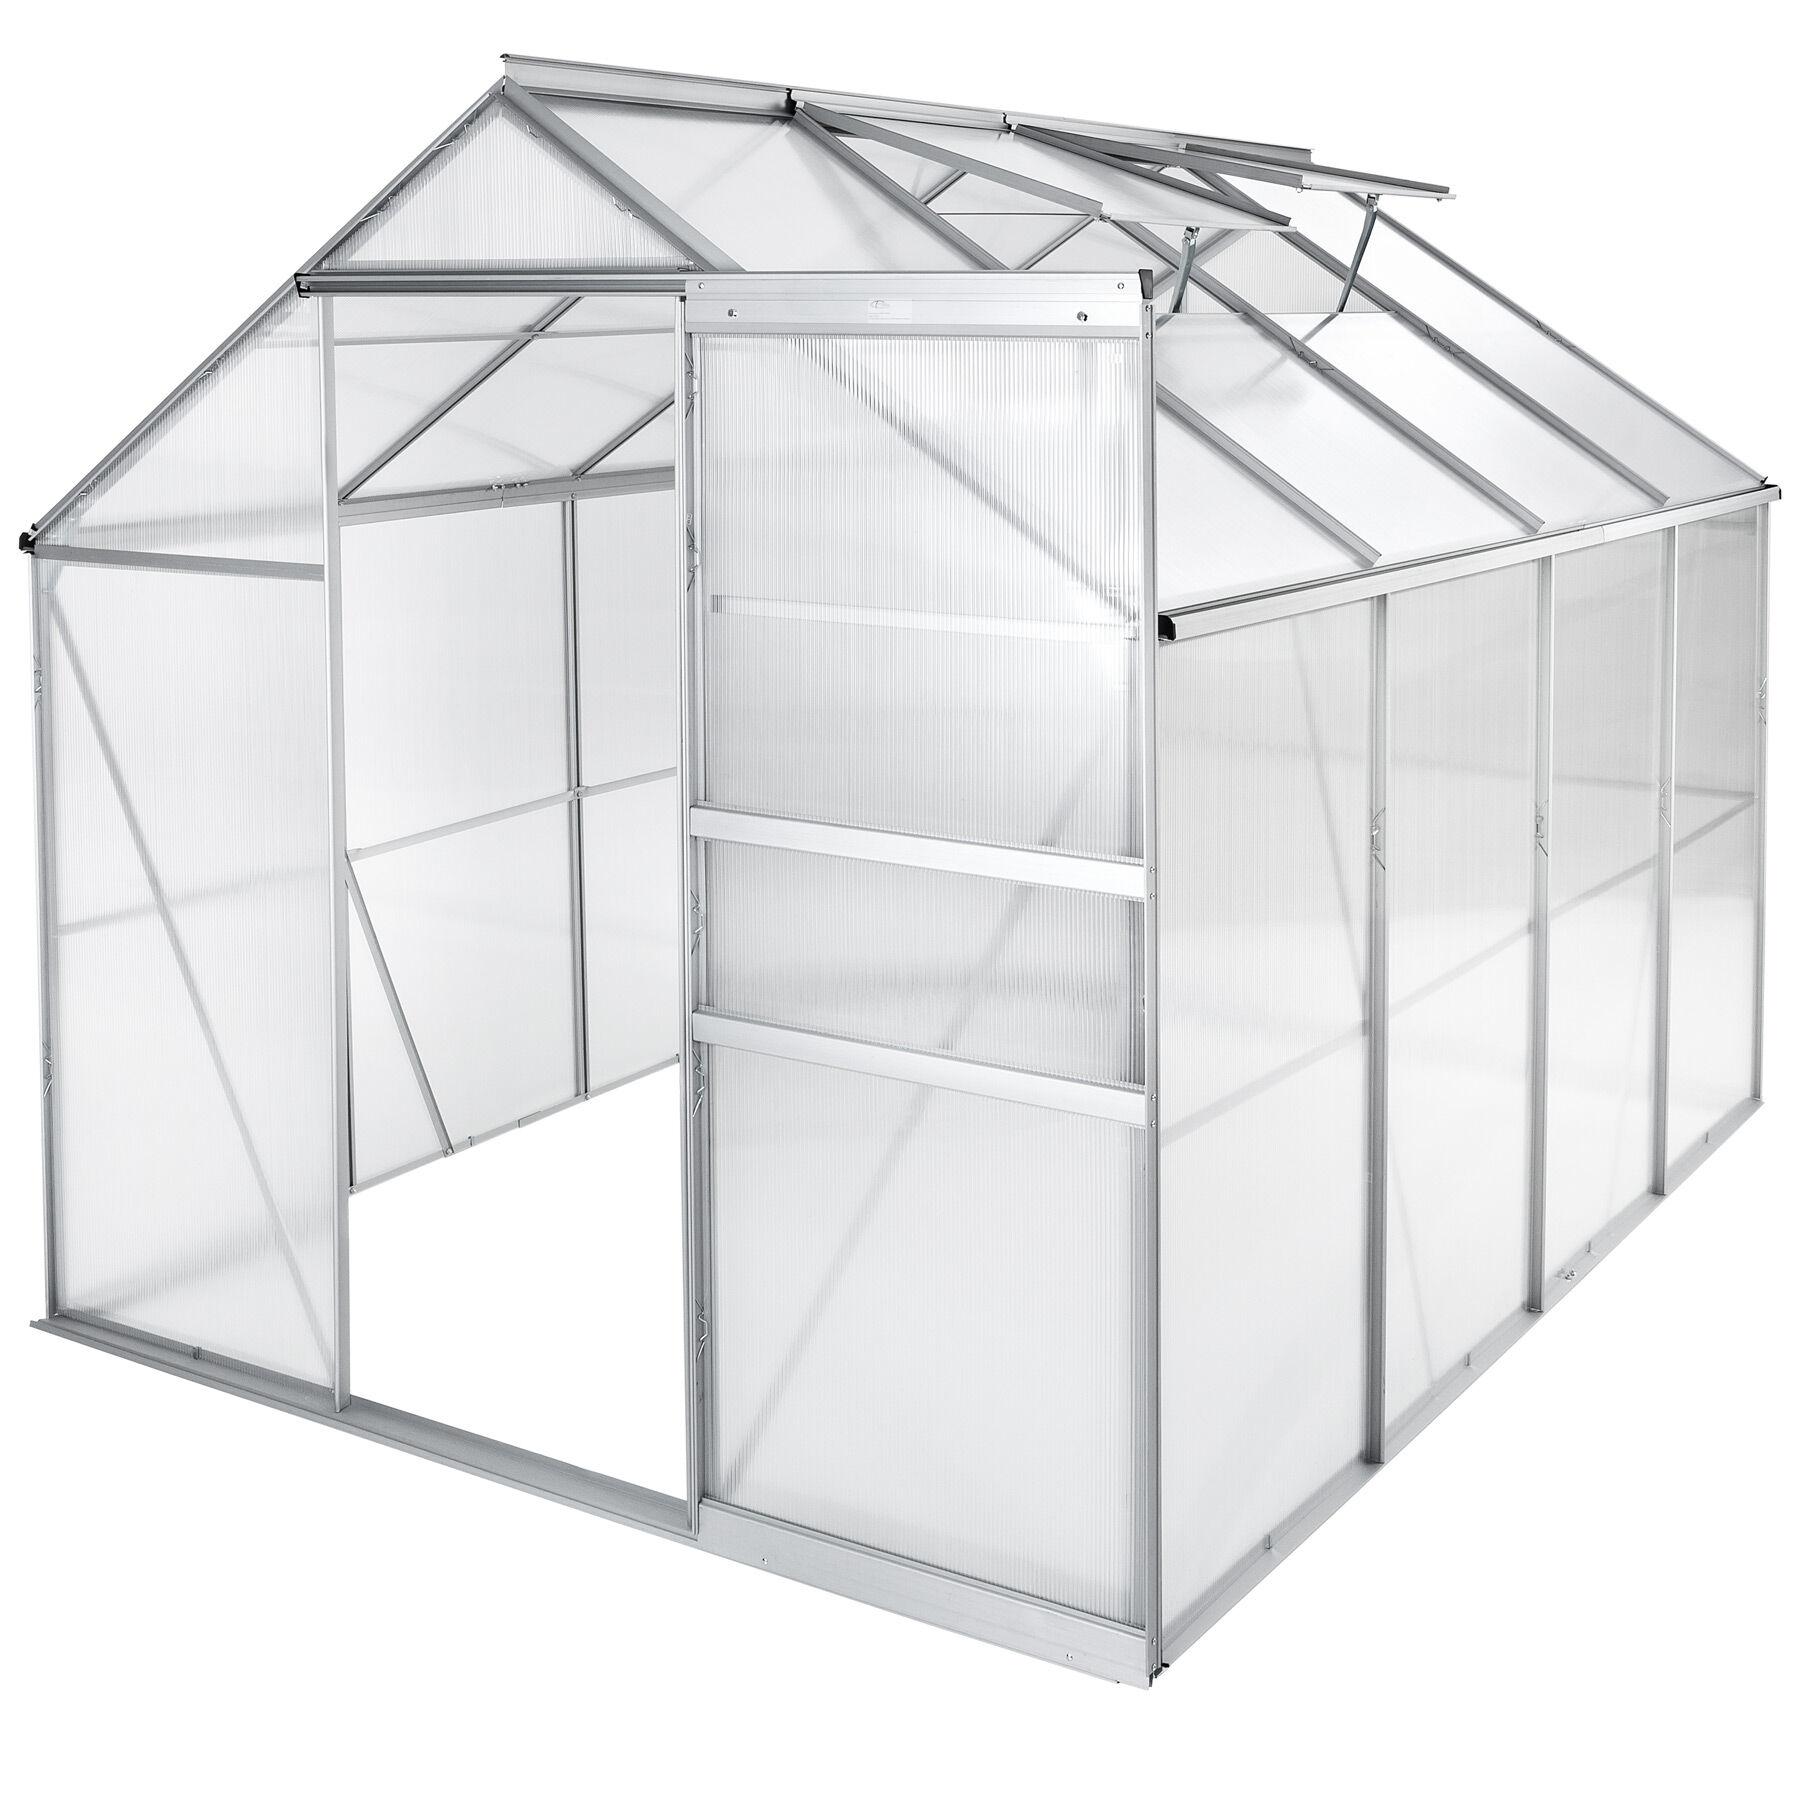 tectake serra in alluminio e policarbonato senza fondamenta - 250 x 185 x 195 cm